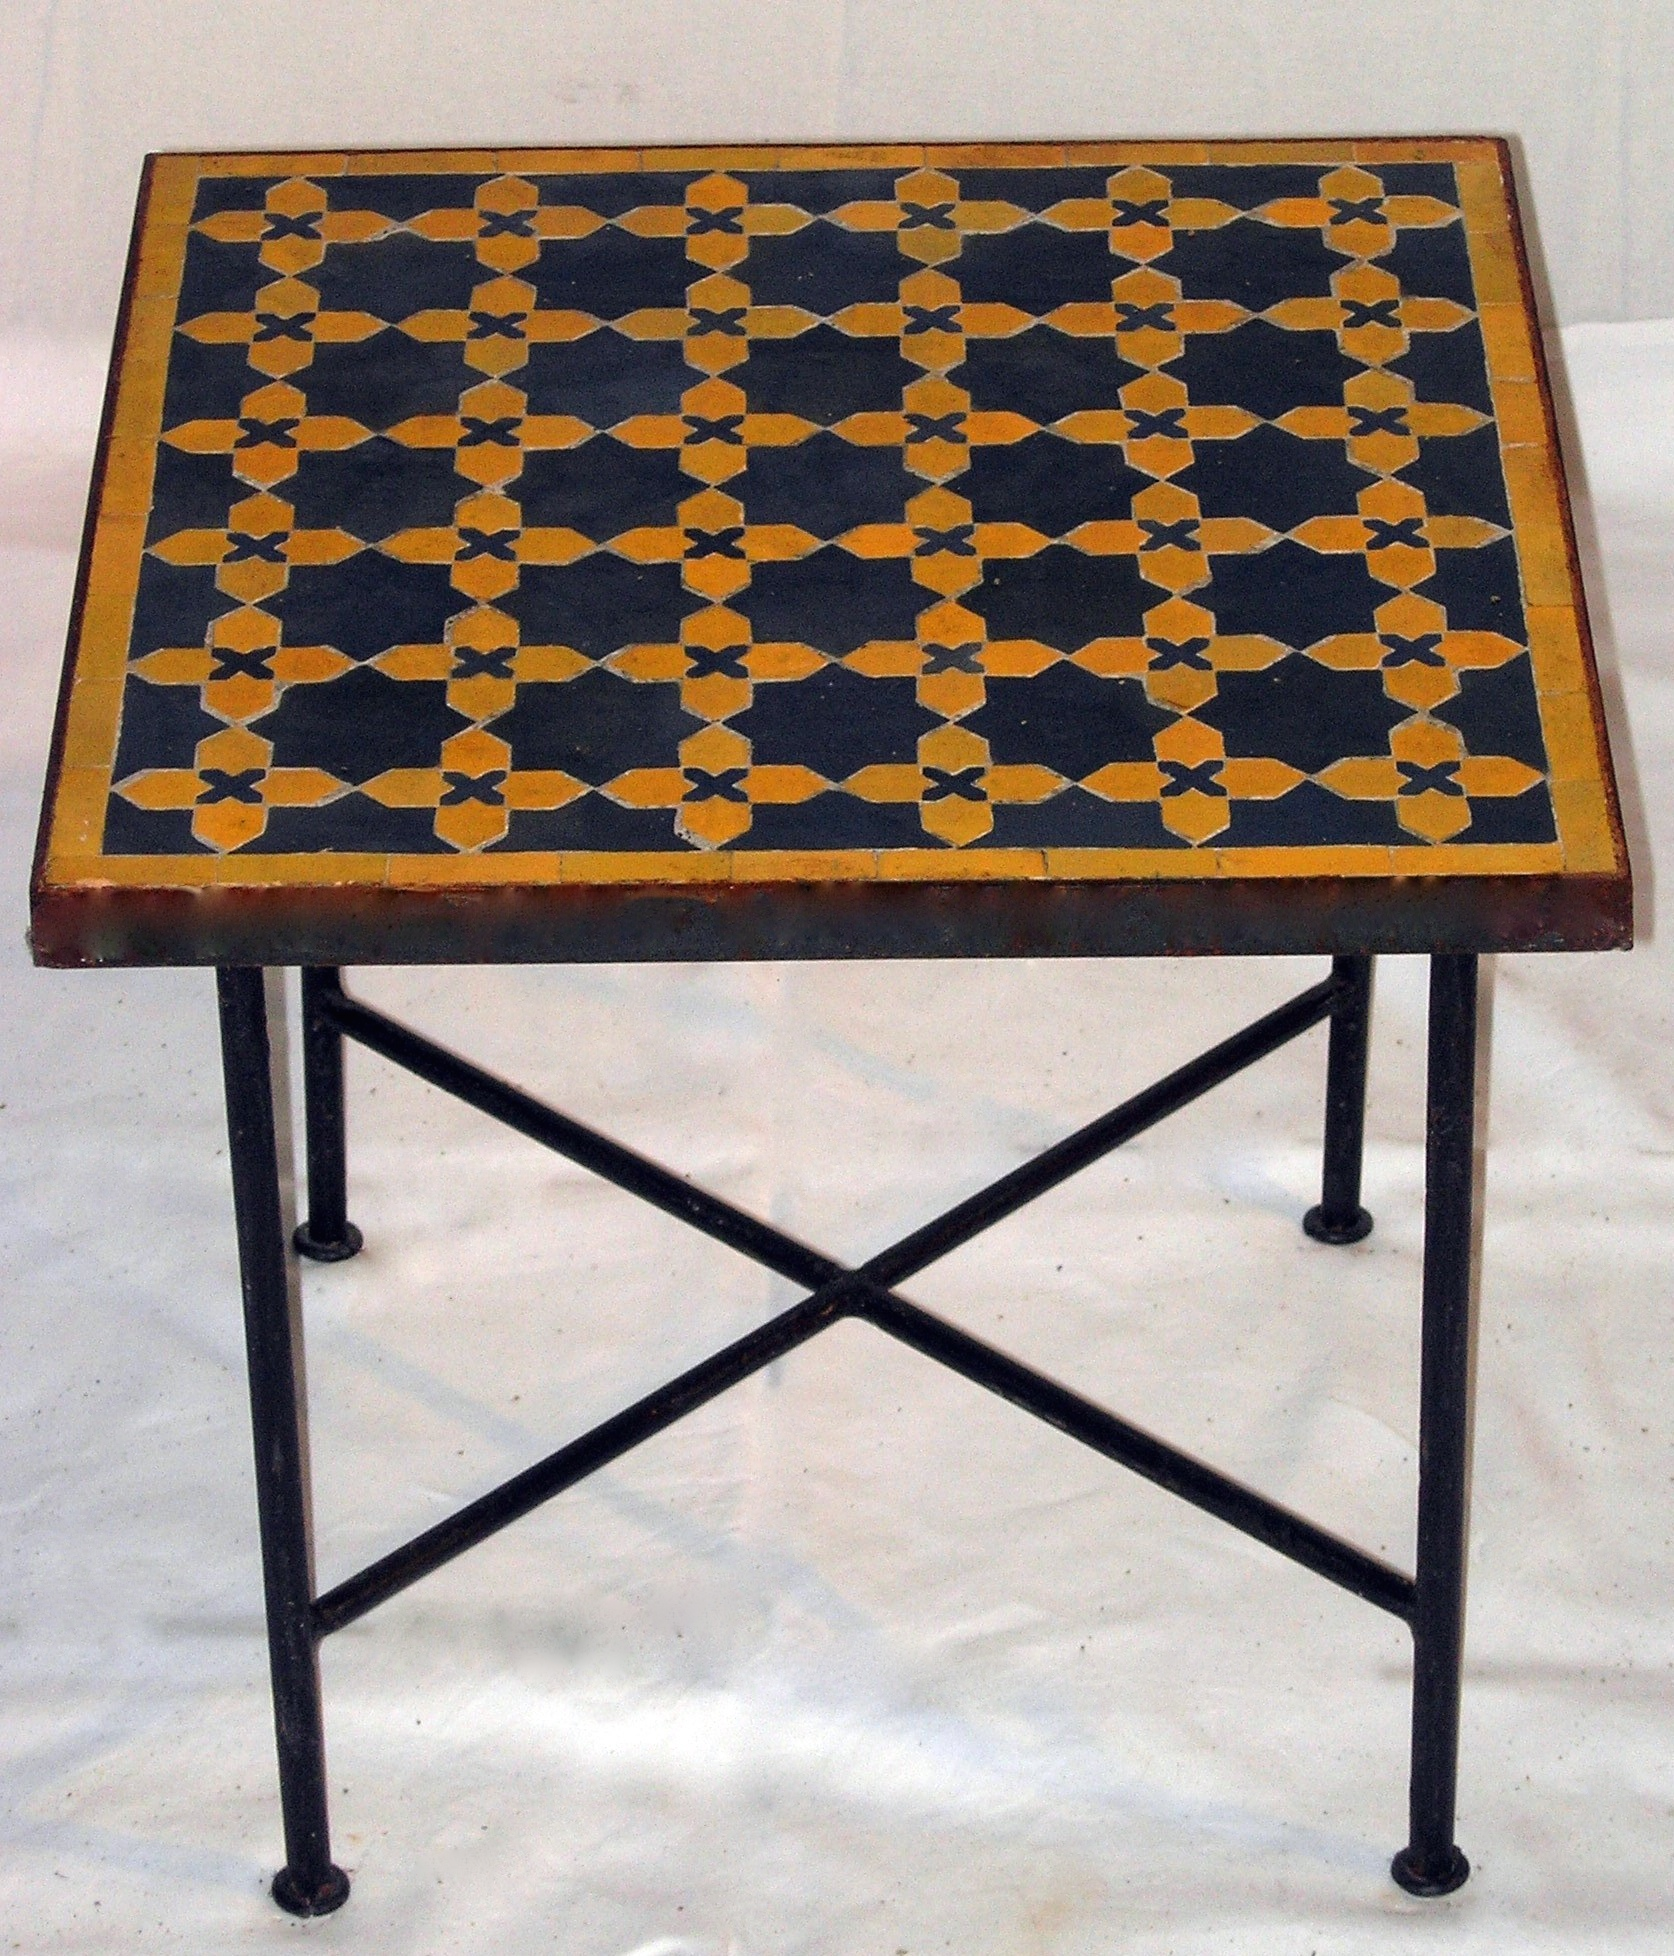 table carr e en zellige motif fleur matecha art et sud d co. Black Bedroom Furniture Sets. Home Design Ideas